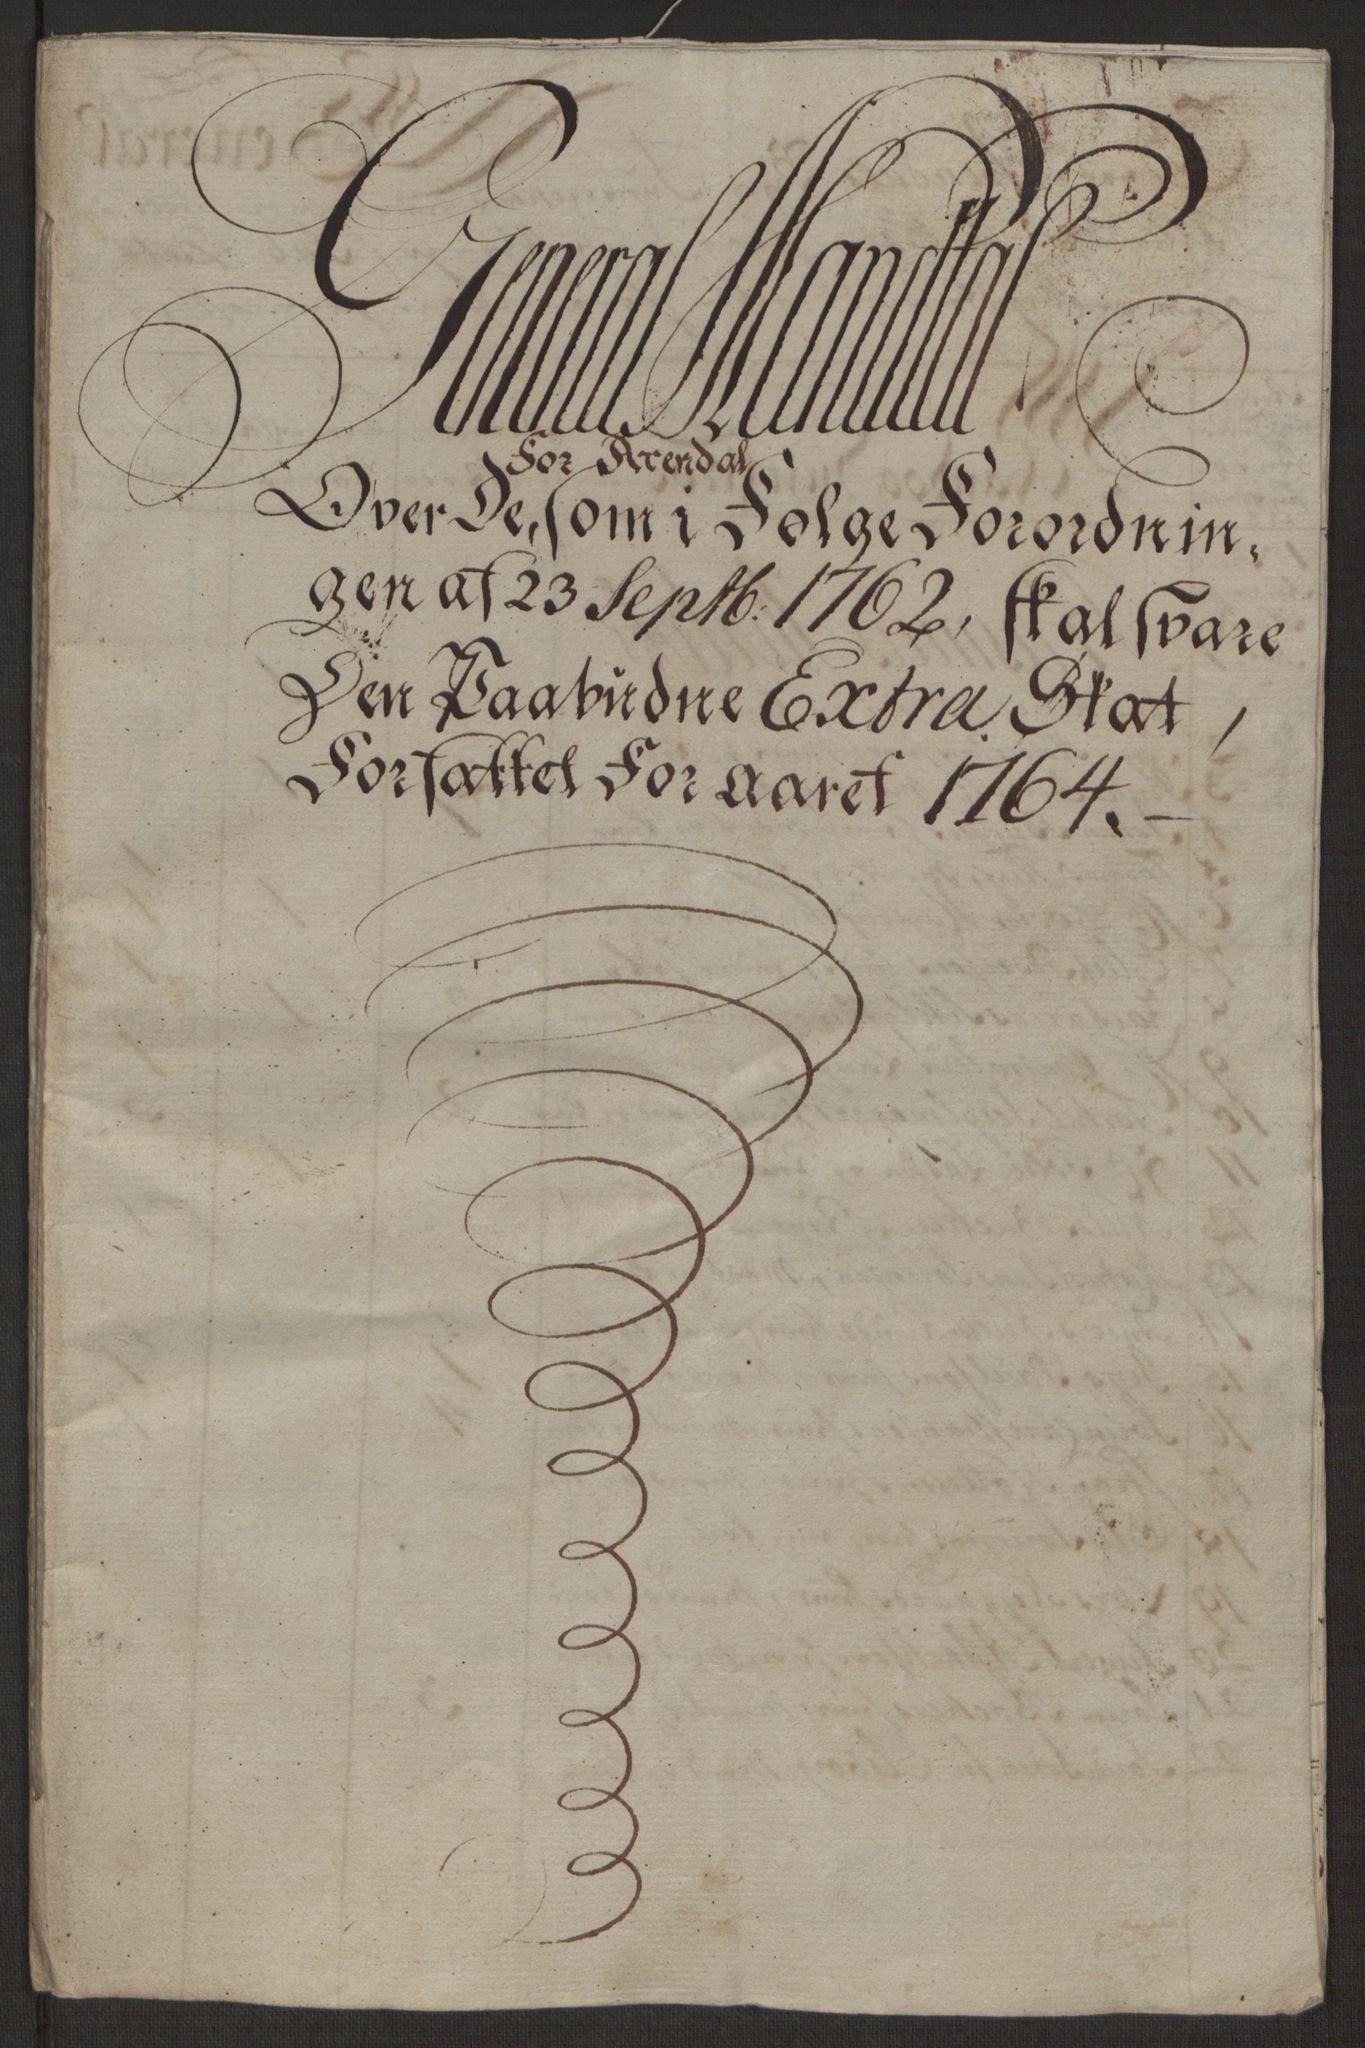 RA, Rentekammeret inntil 1814, Reviderte regnskaper, Byregnskaper, R/Rl/L0230: [L4] Kontribusjonsregnskap, 1762-1764, s. 399